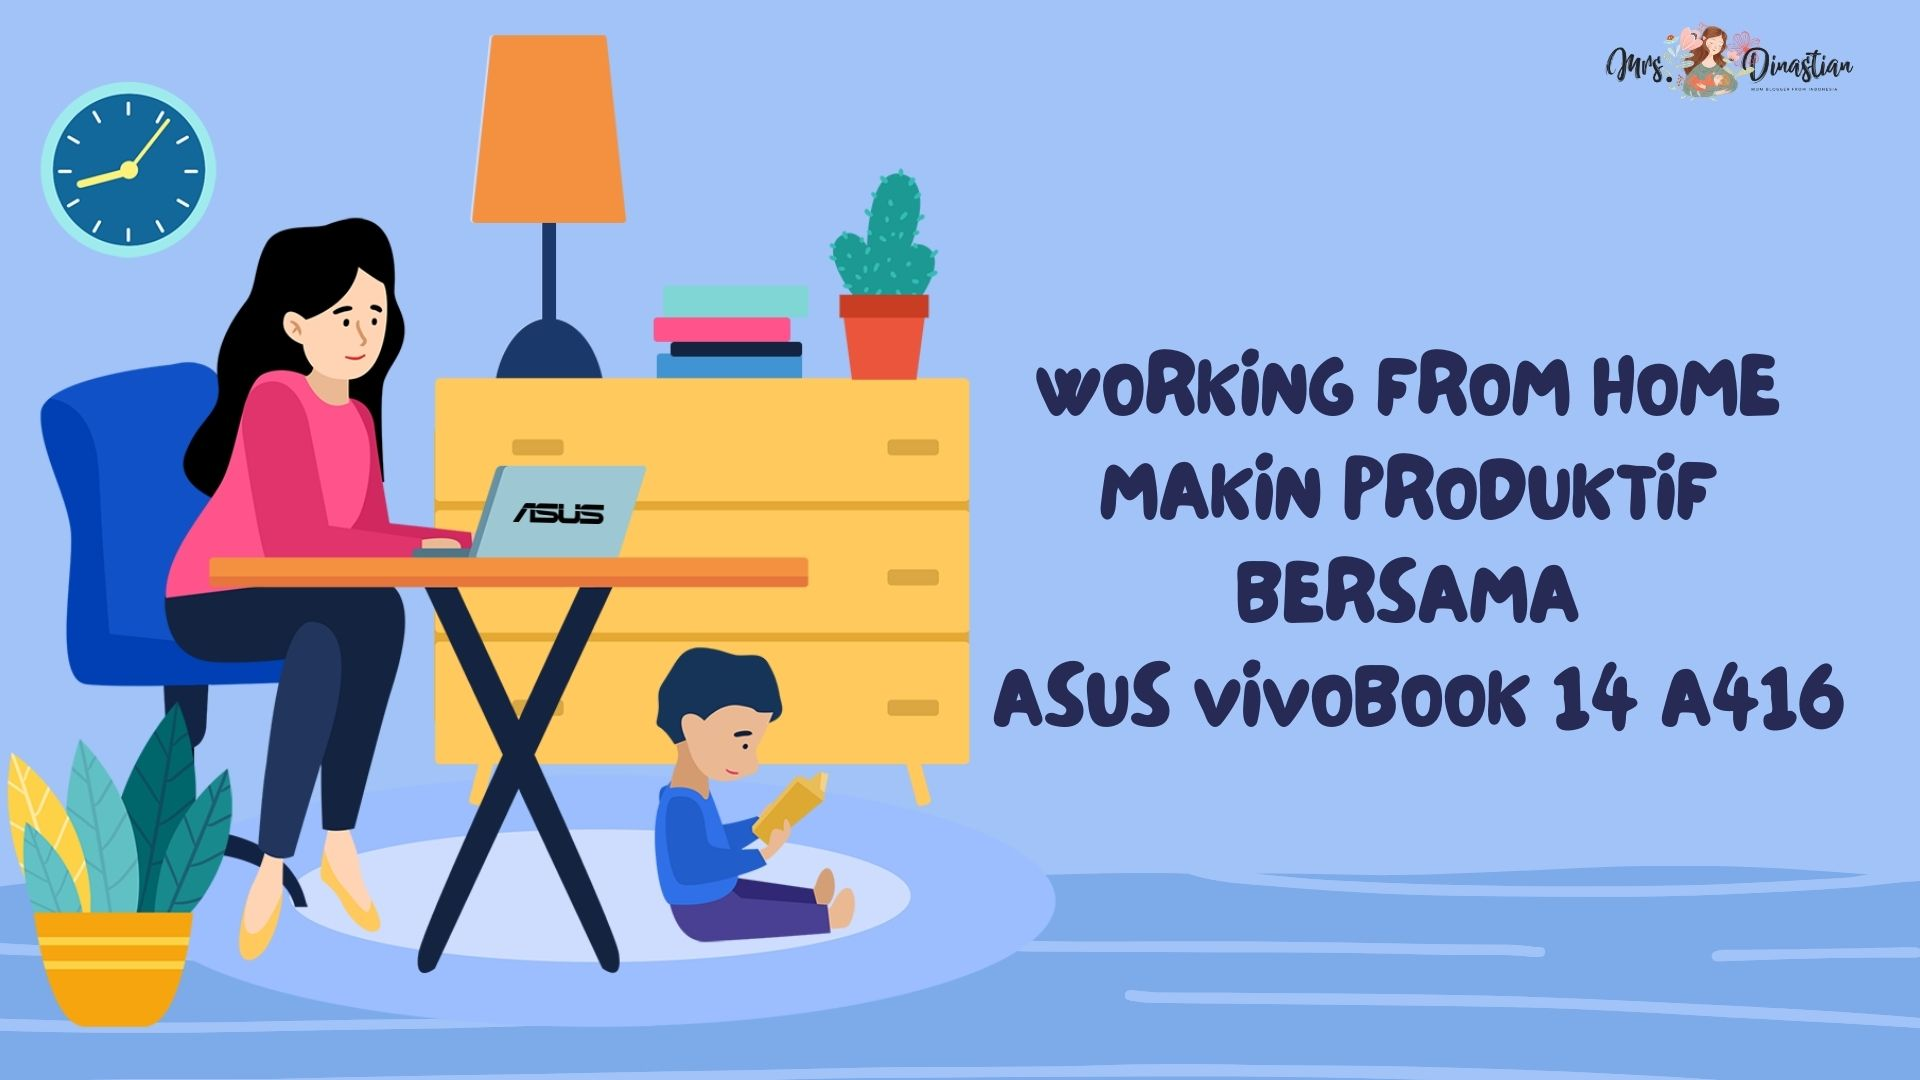 Produktif Bersama Asus Vivobook 14 A416